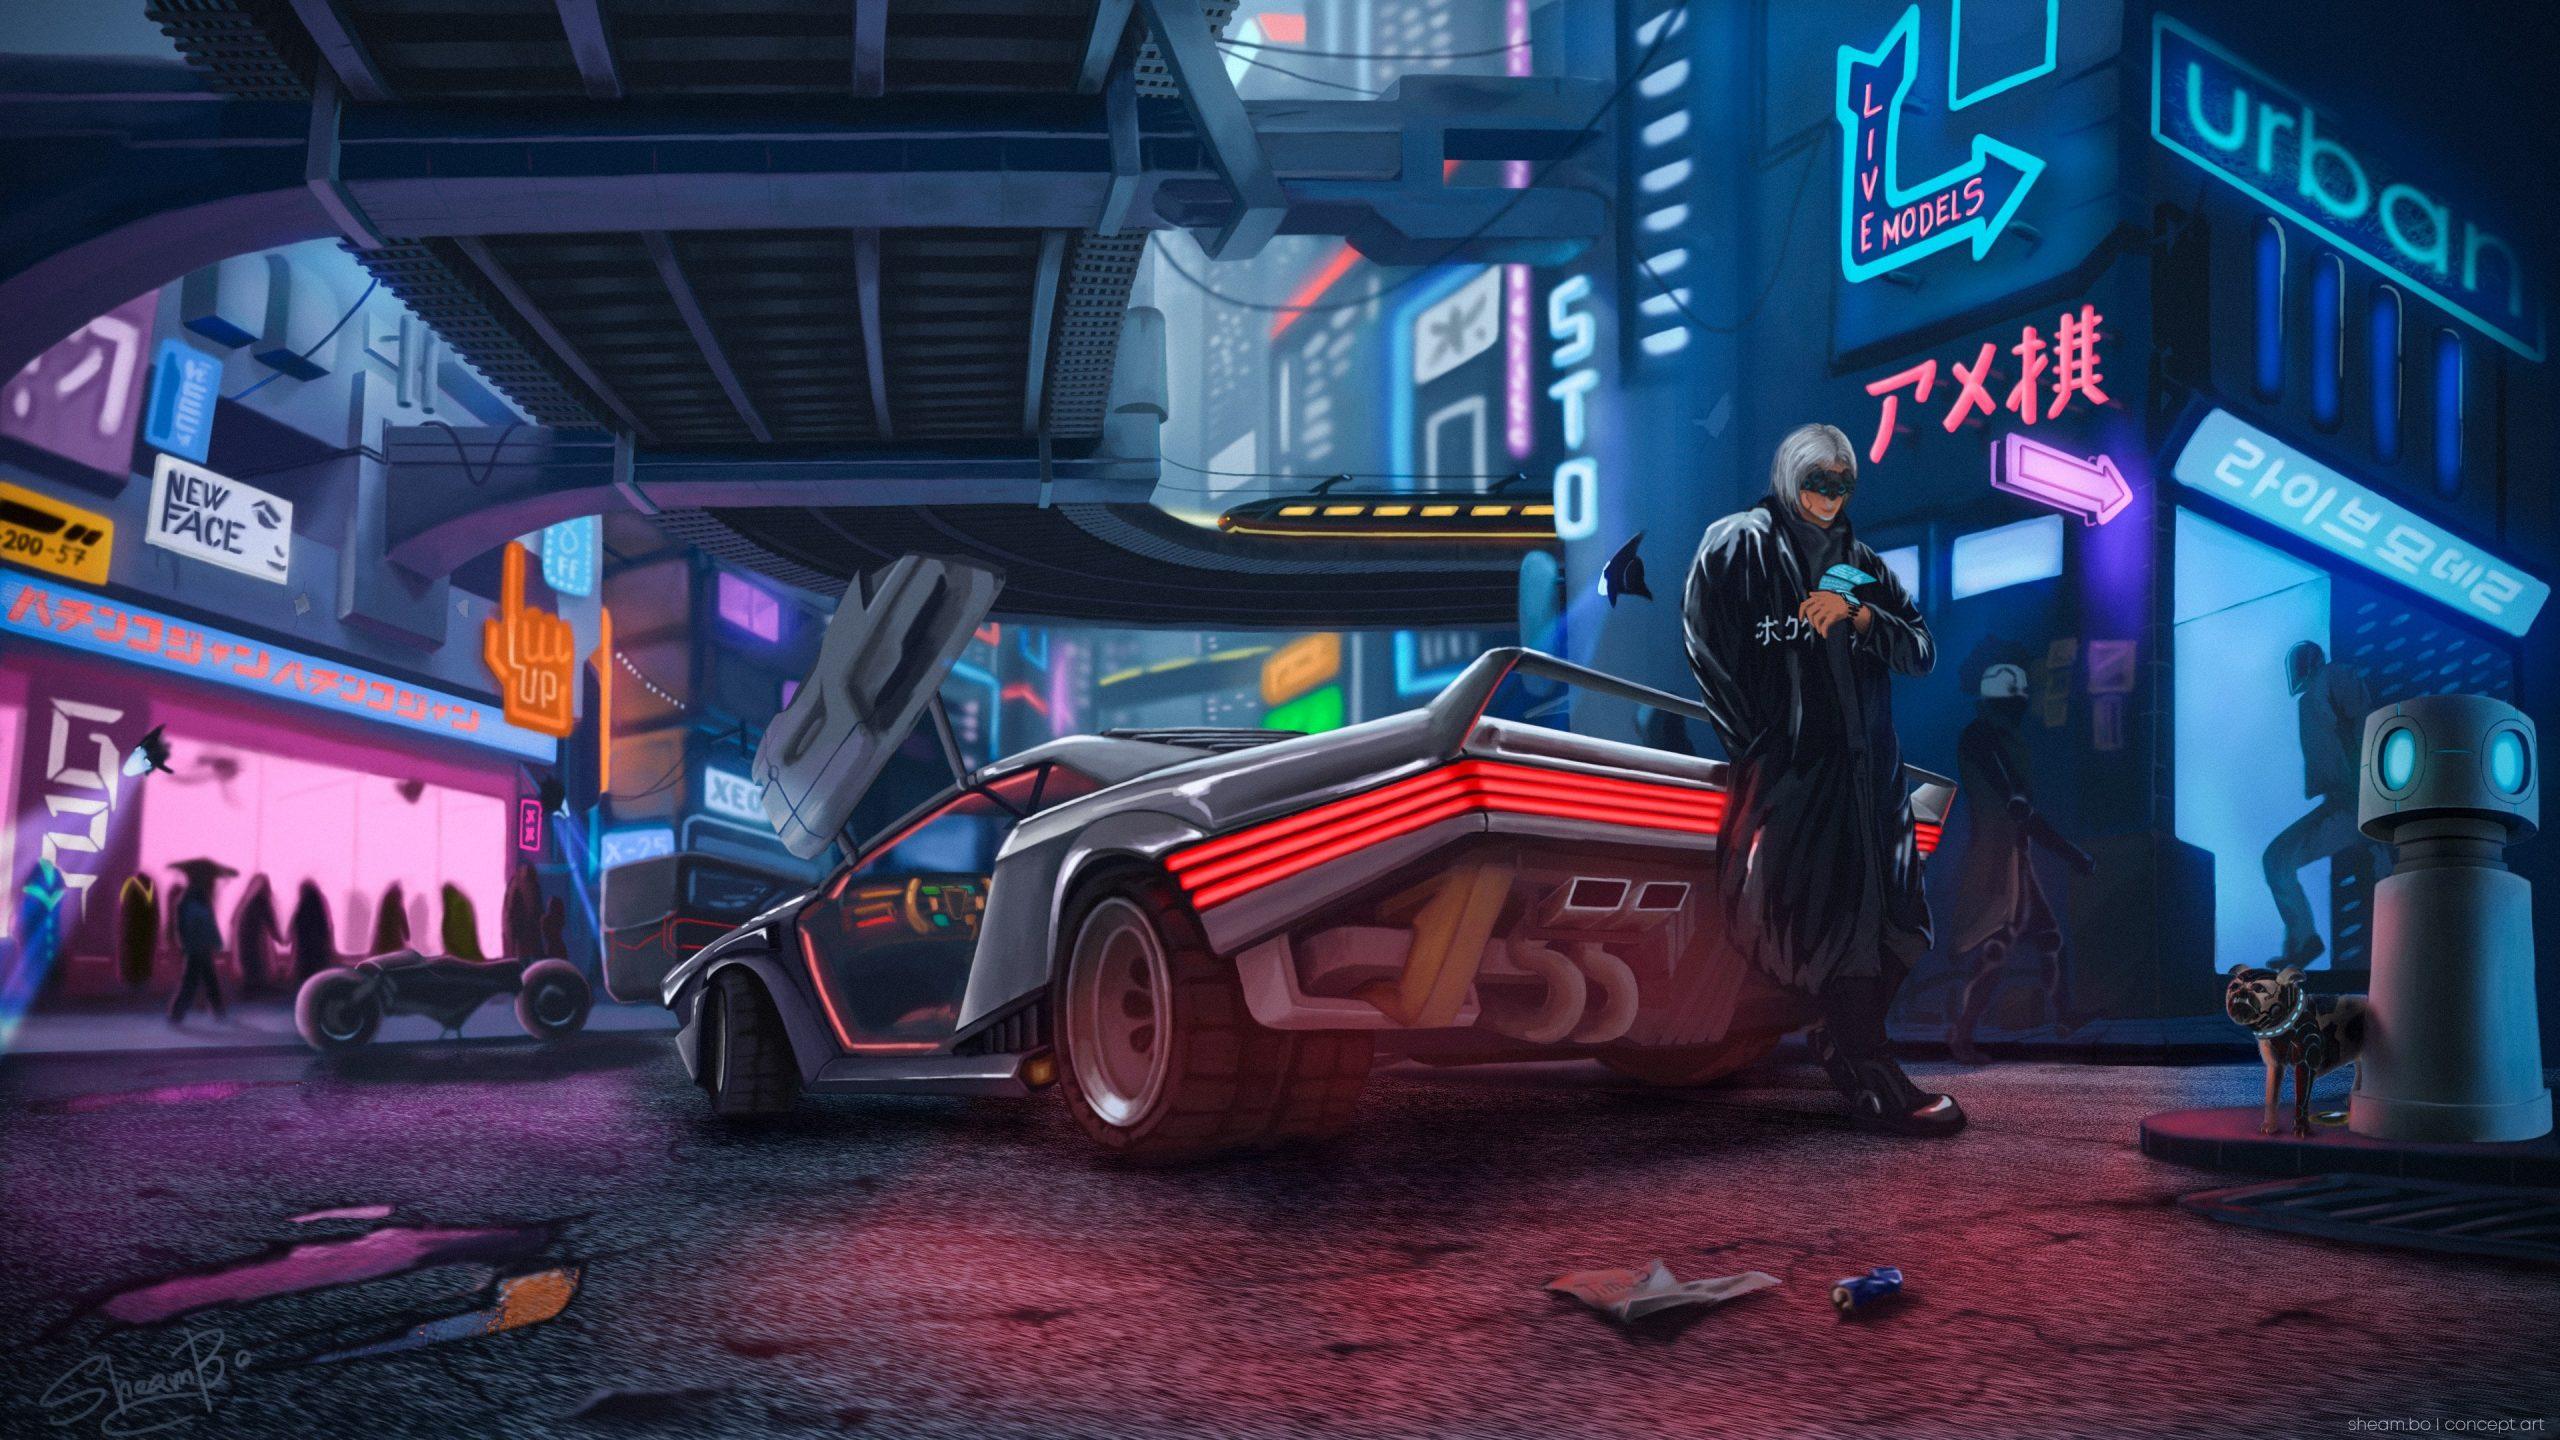 siberpunk, cyberpunk 2077, bilim kurg, oyun, teknoloji, liste